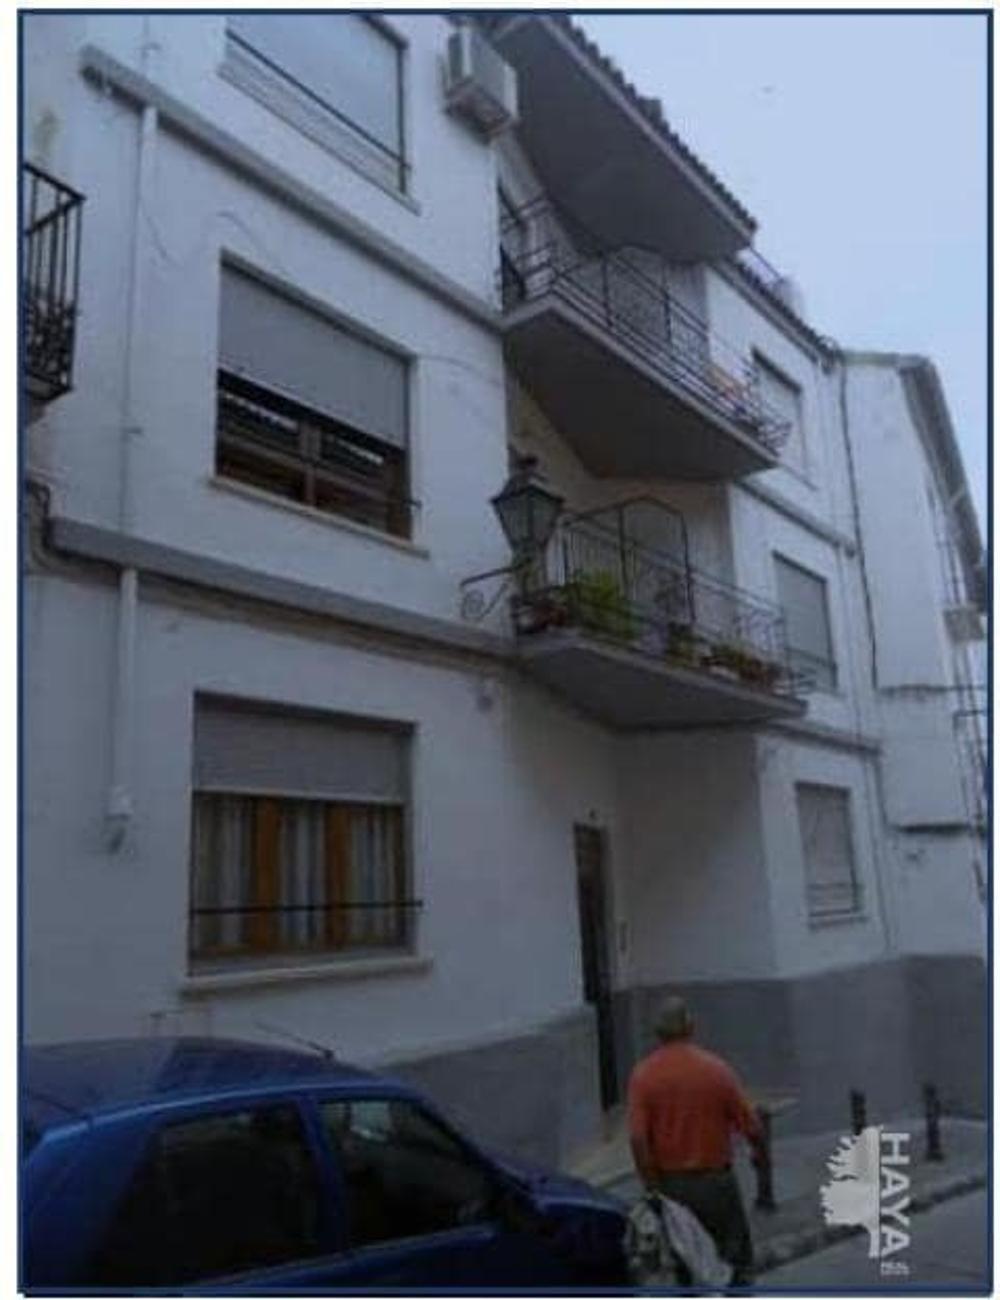 oliva valencia lägenhet foto 3836304